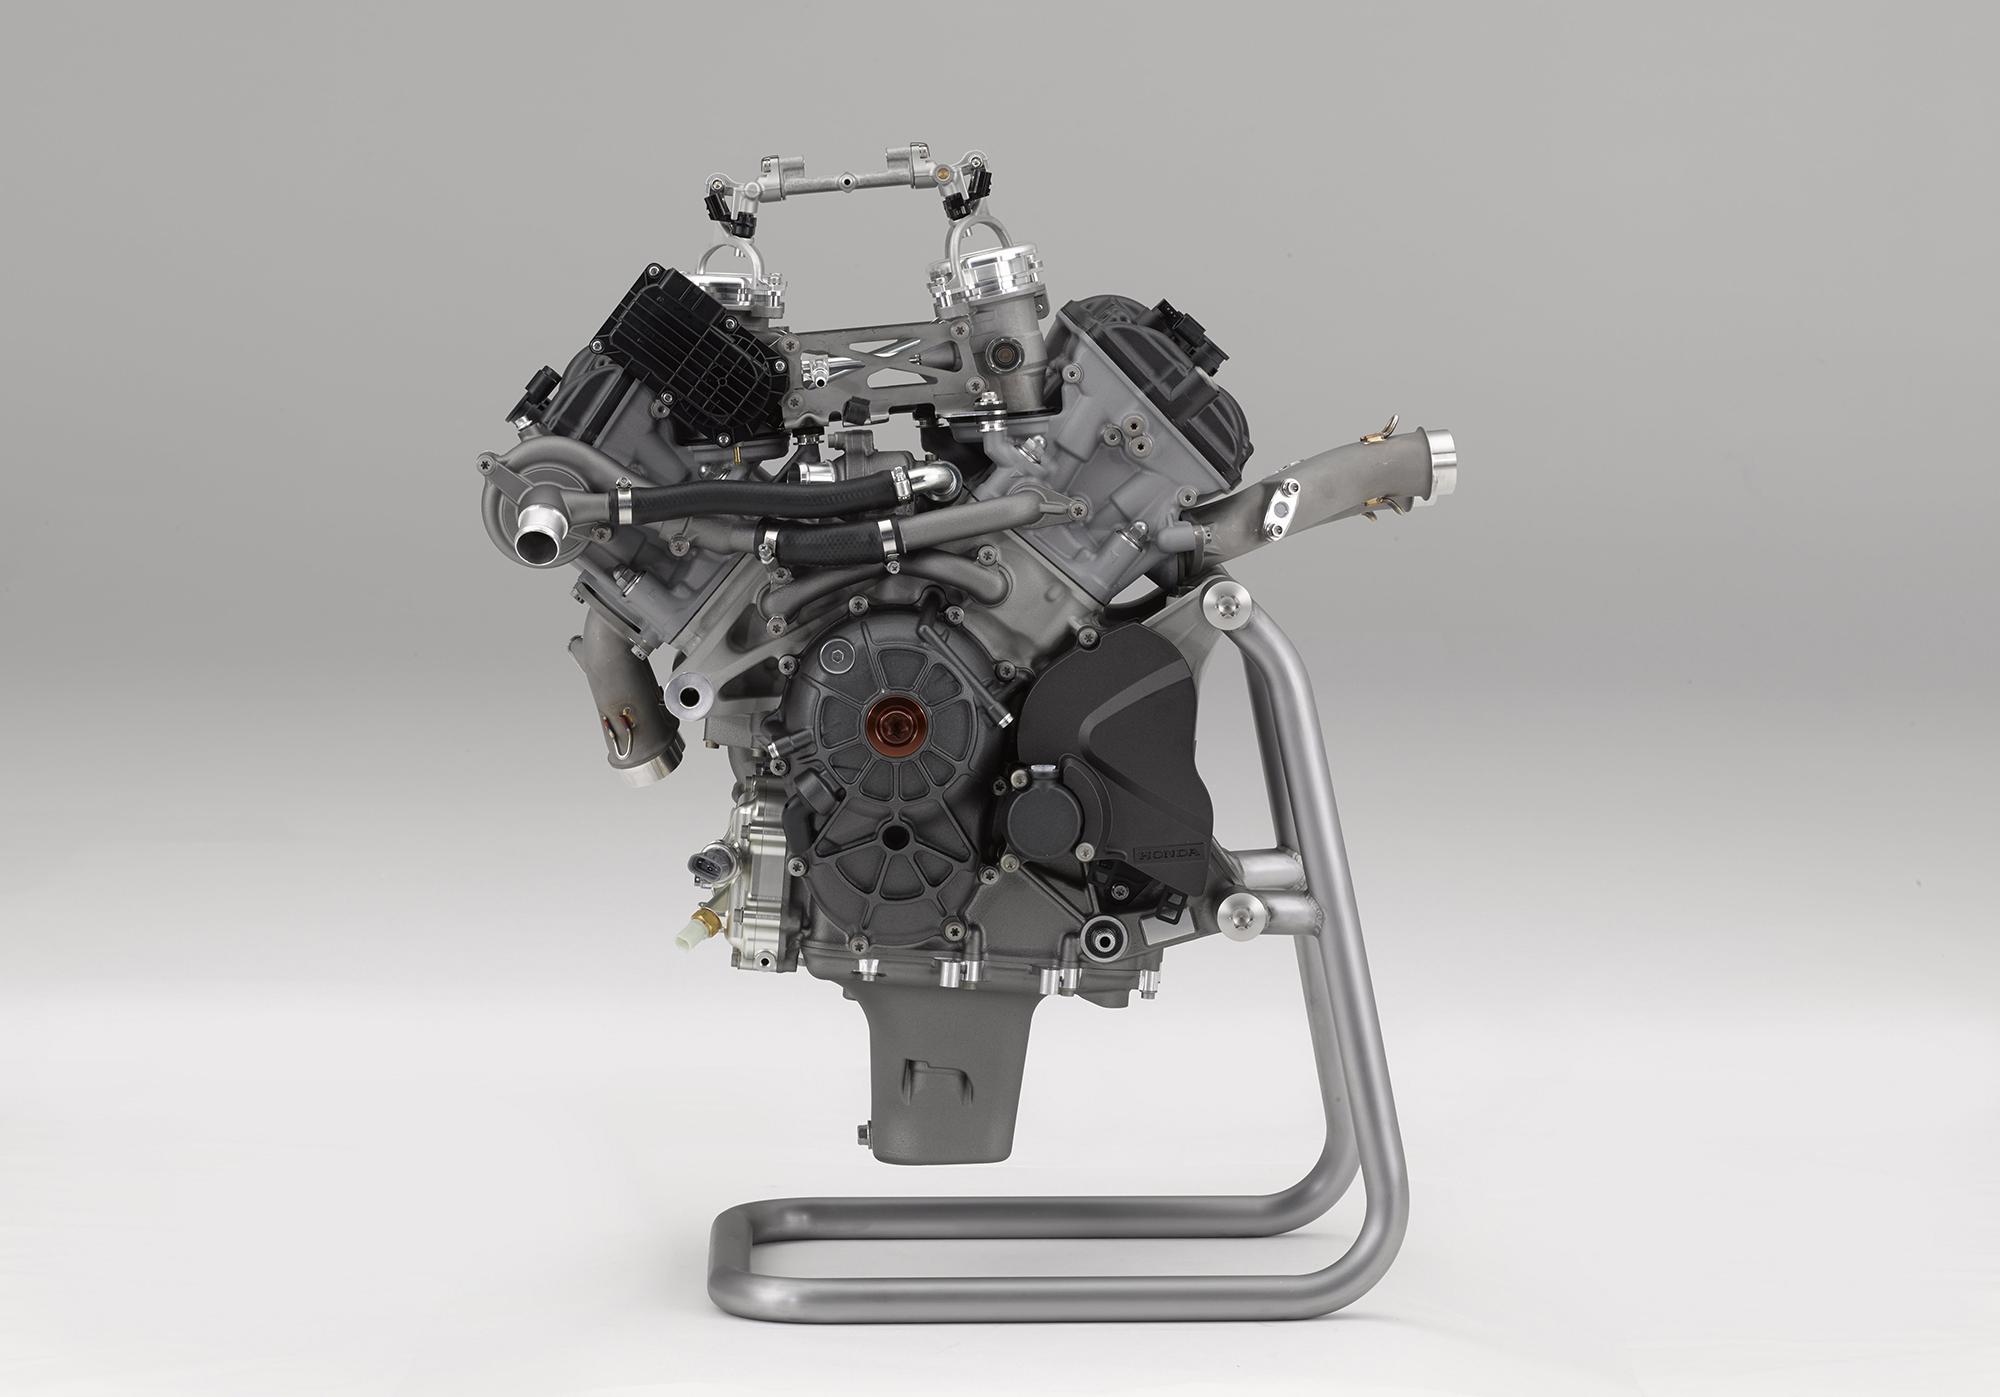 honda, rc213v, engine, fireblade